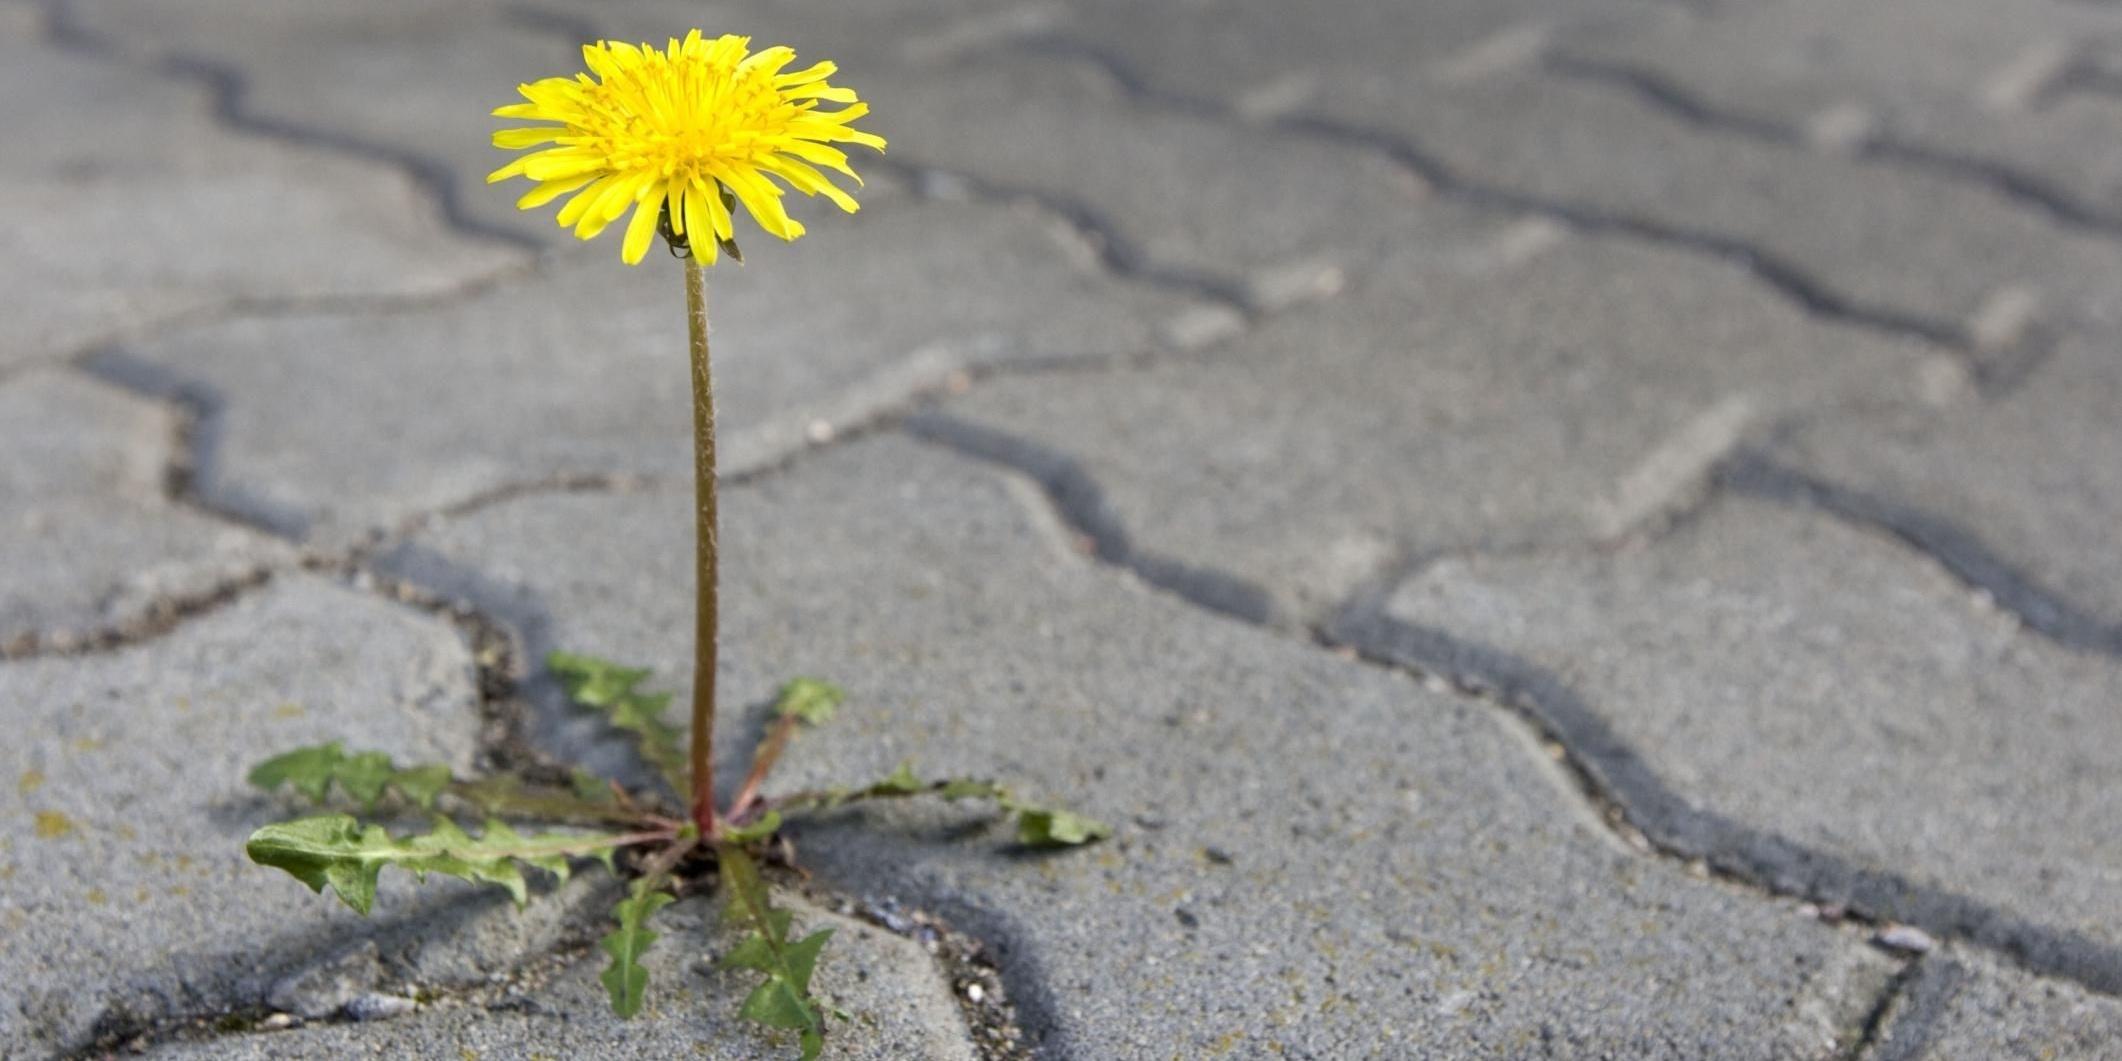 weed-control-curb-appeal.jpg